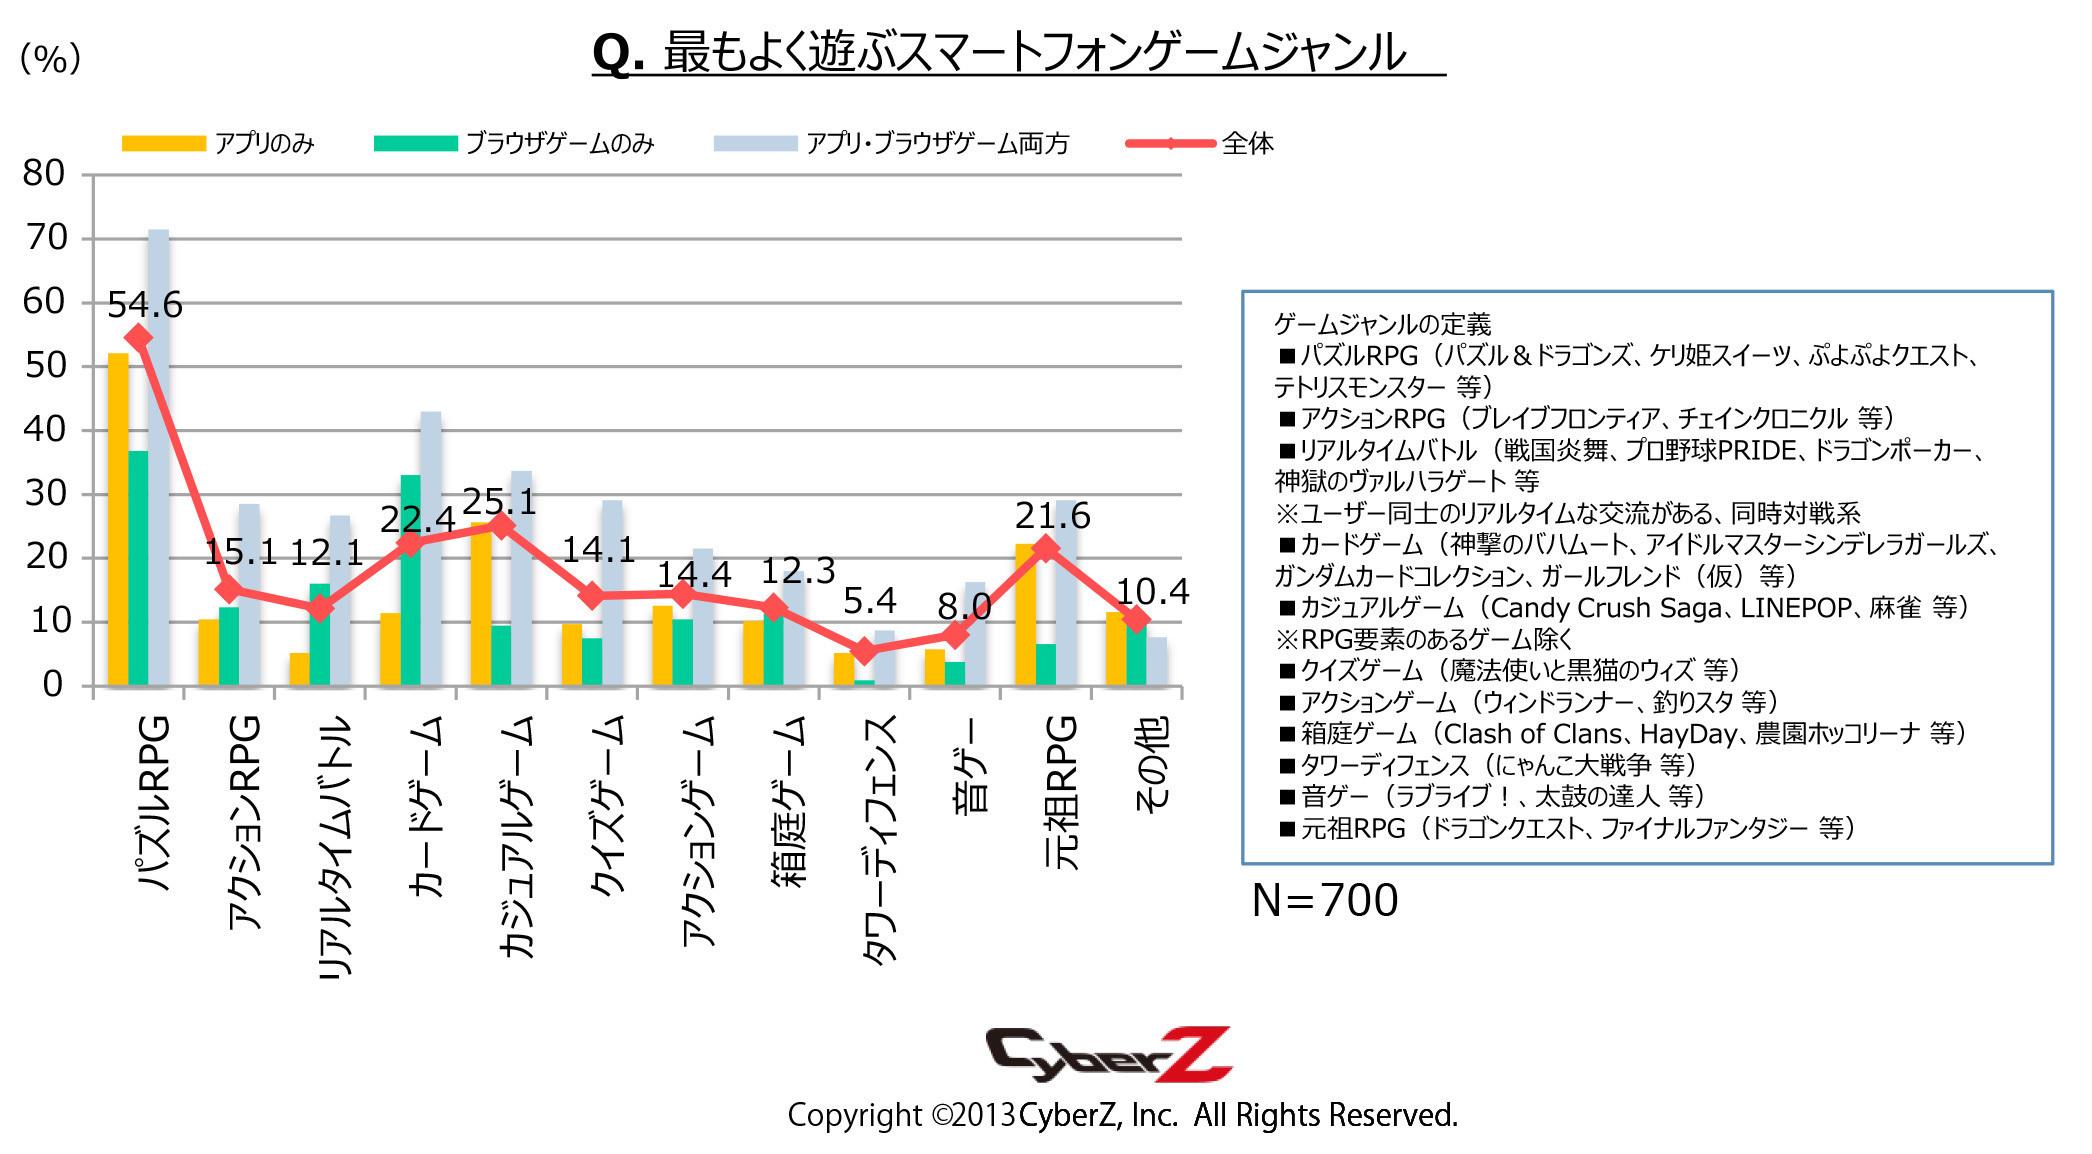 最も遊ぶジャンルは「パズドラ」等のパズルRPGが54.6%